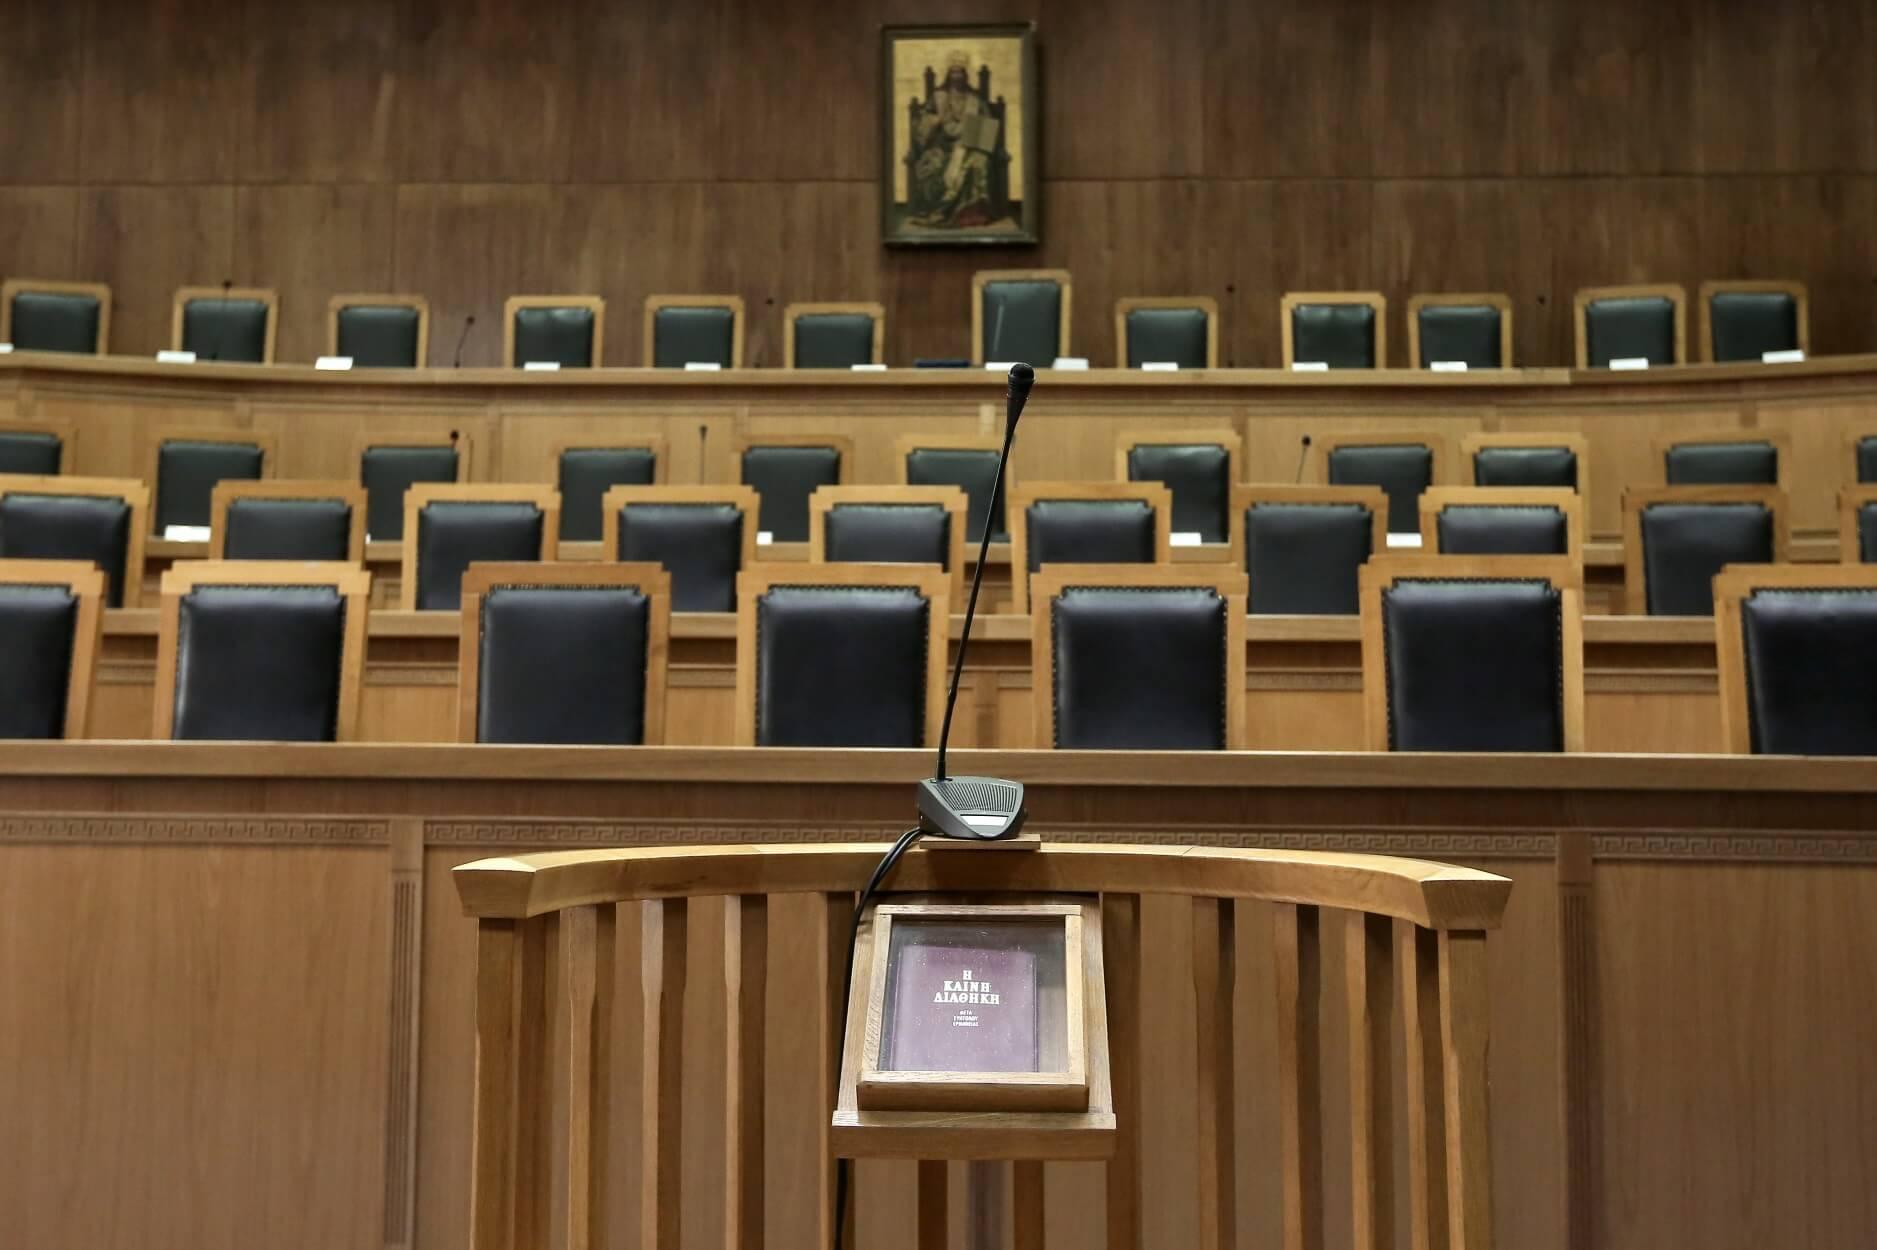 Η άρνηση κατάθεσης δεν συνιστά άρση του καθεστώτος προστασίας των μαρτύρων